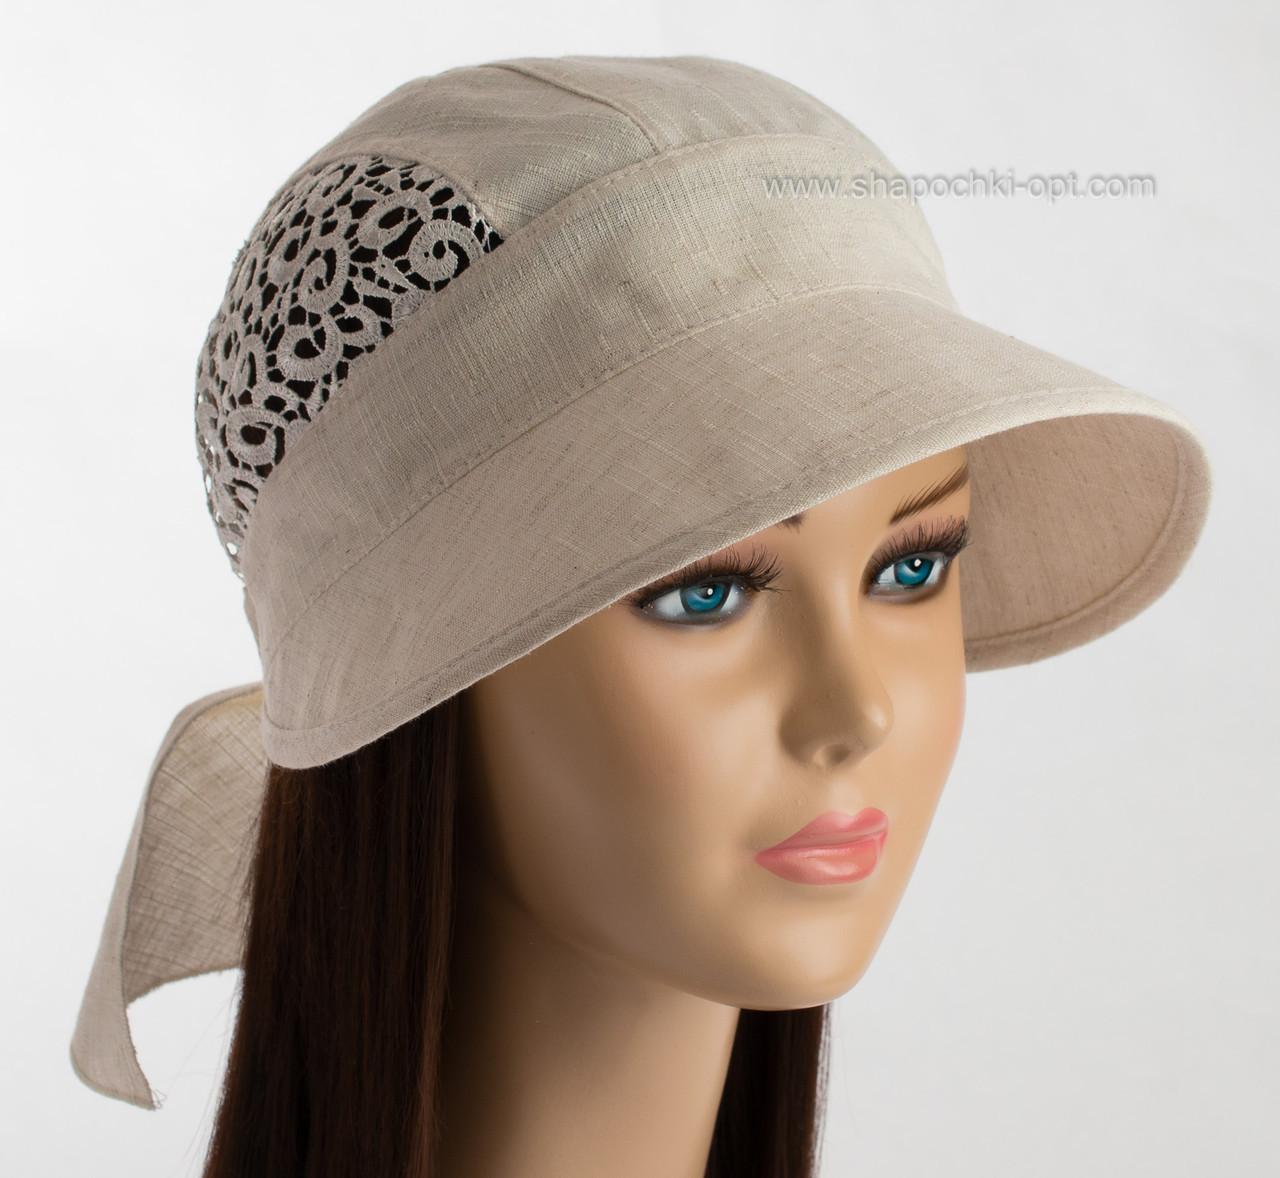 Льняная шляпка козырек с кружевным плетением с завязками сзади